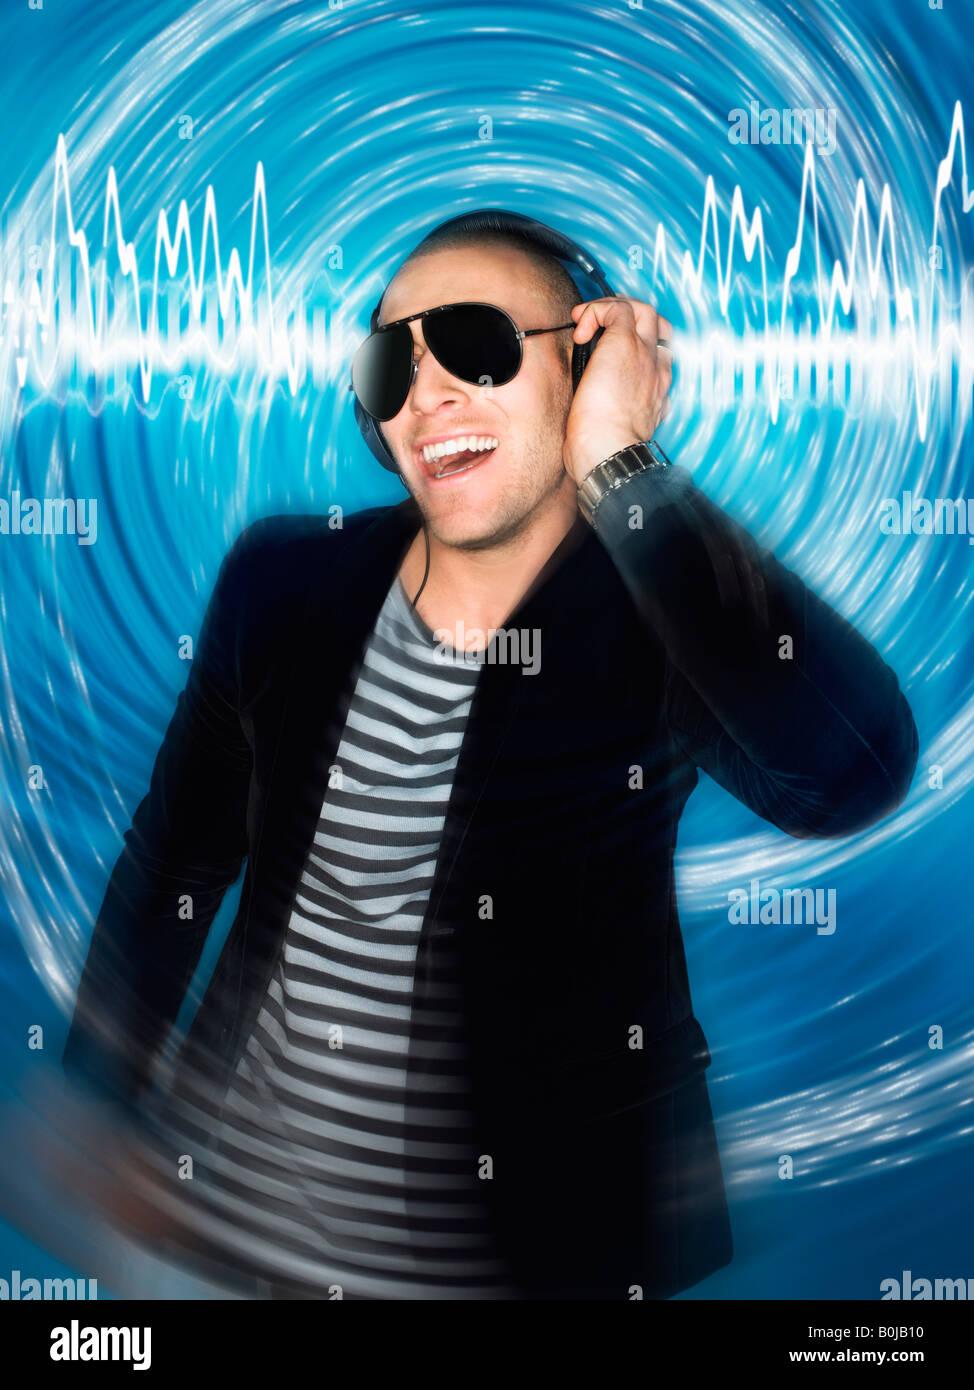 Homme portant des écouteurs à l'avant de l'effet circulaire, demi-longueur Photo Stock